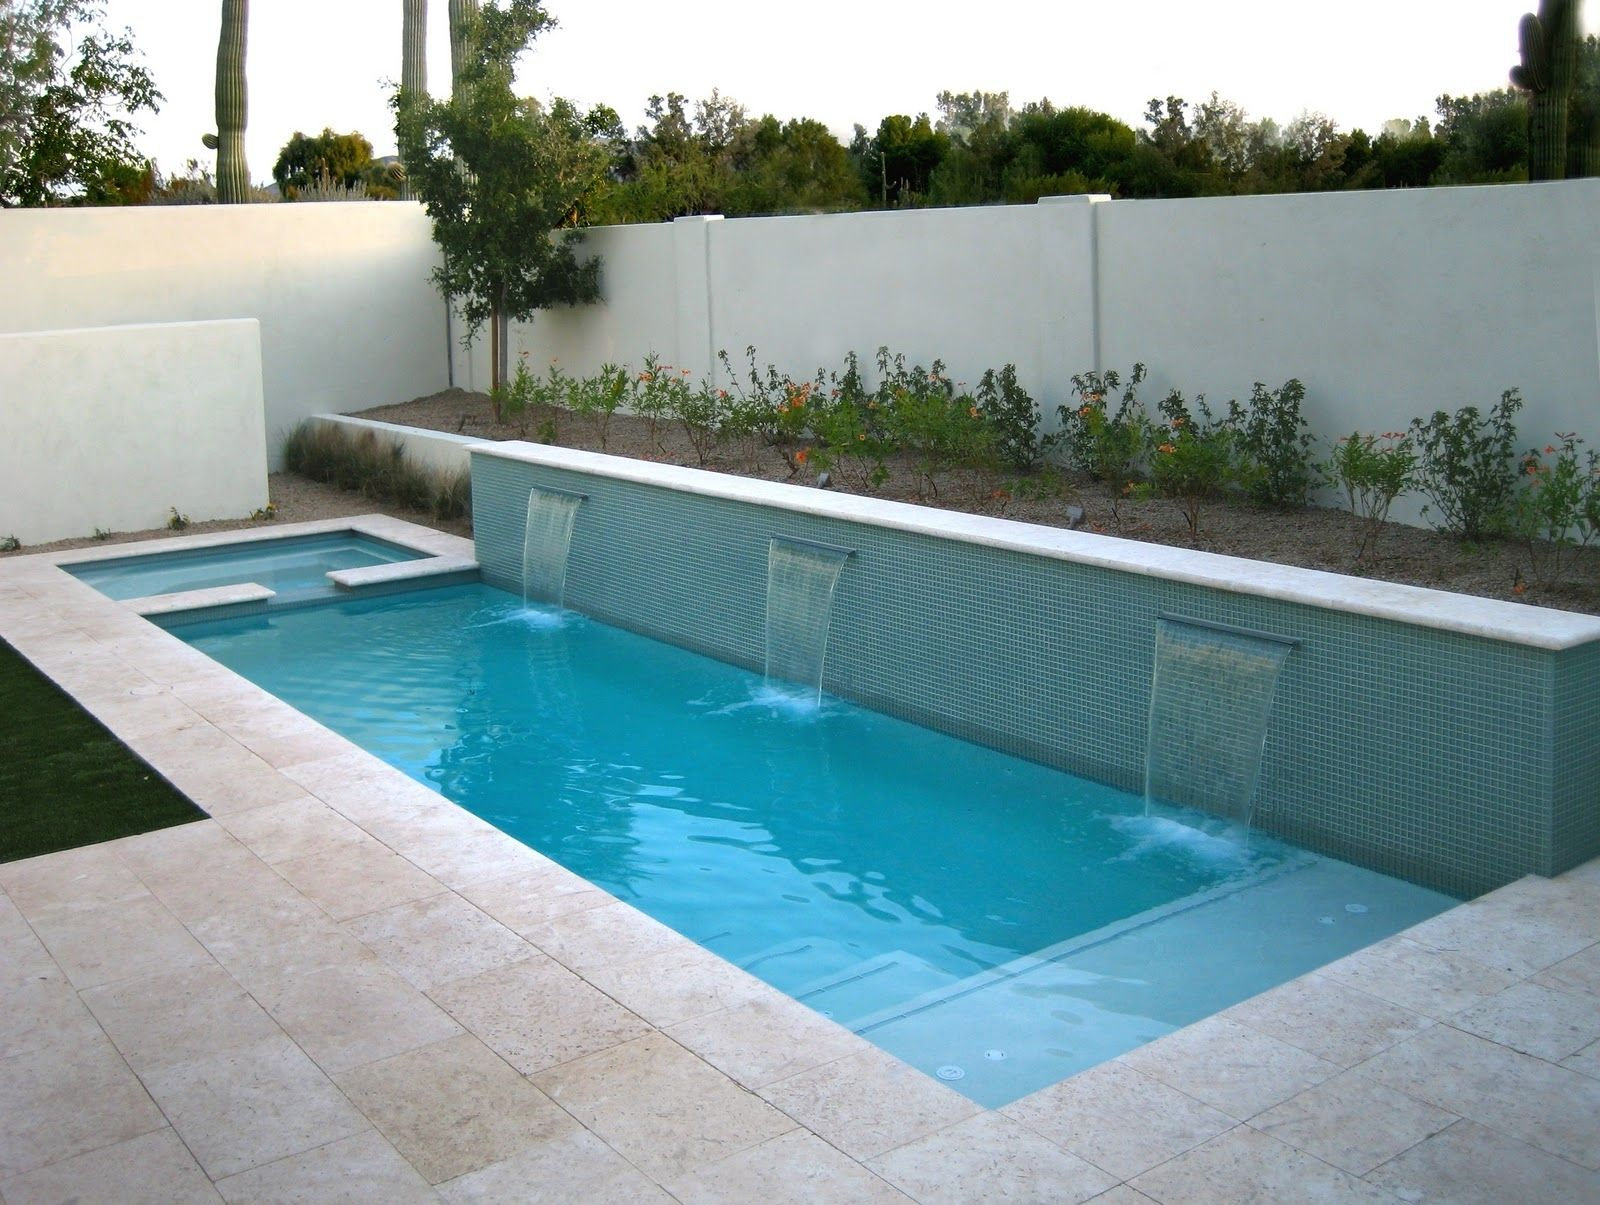 Lieblich Kühlen Garten Ideen Mit Pool   Topf Gardening   Eine Der Einfachsten Und  Günstigsten Möglichkeiten